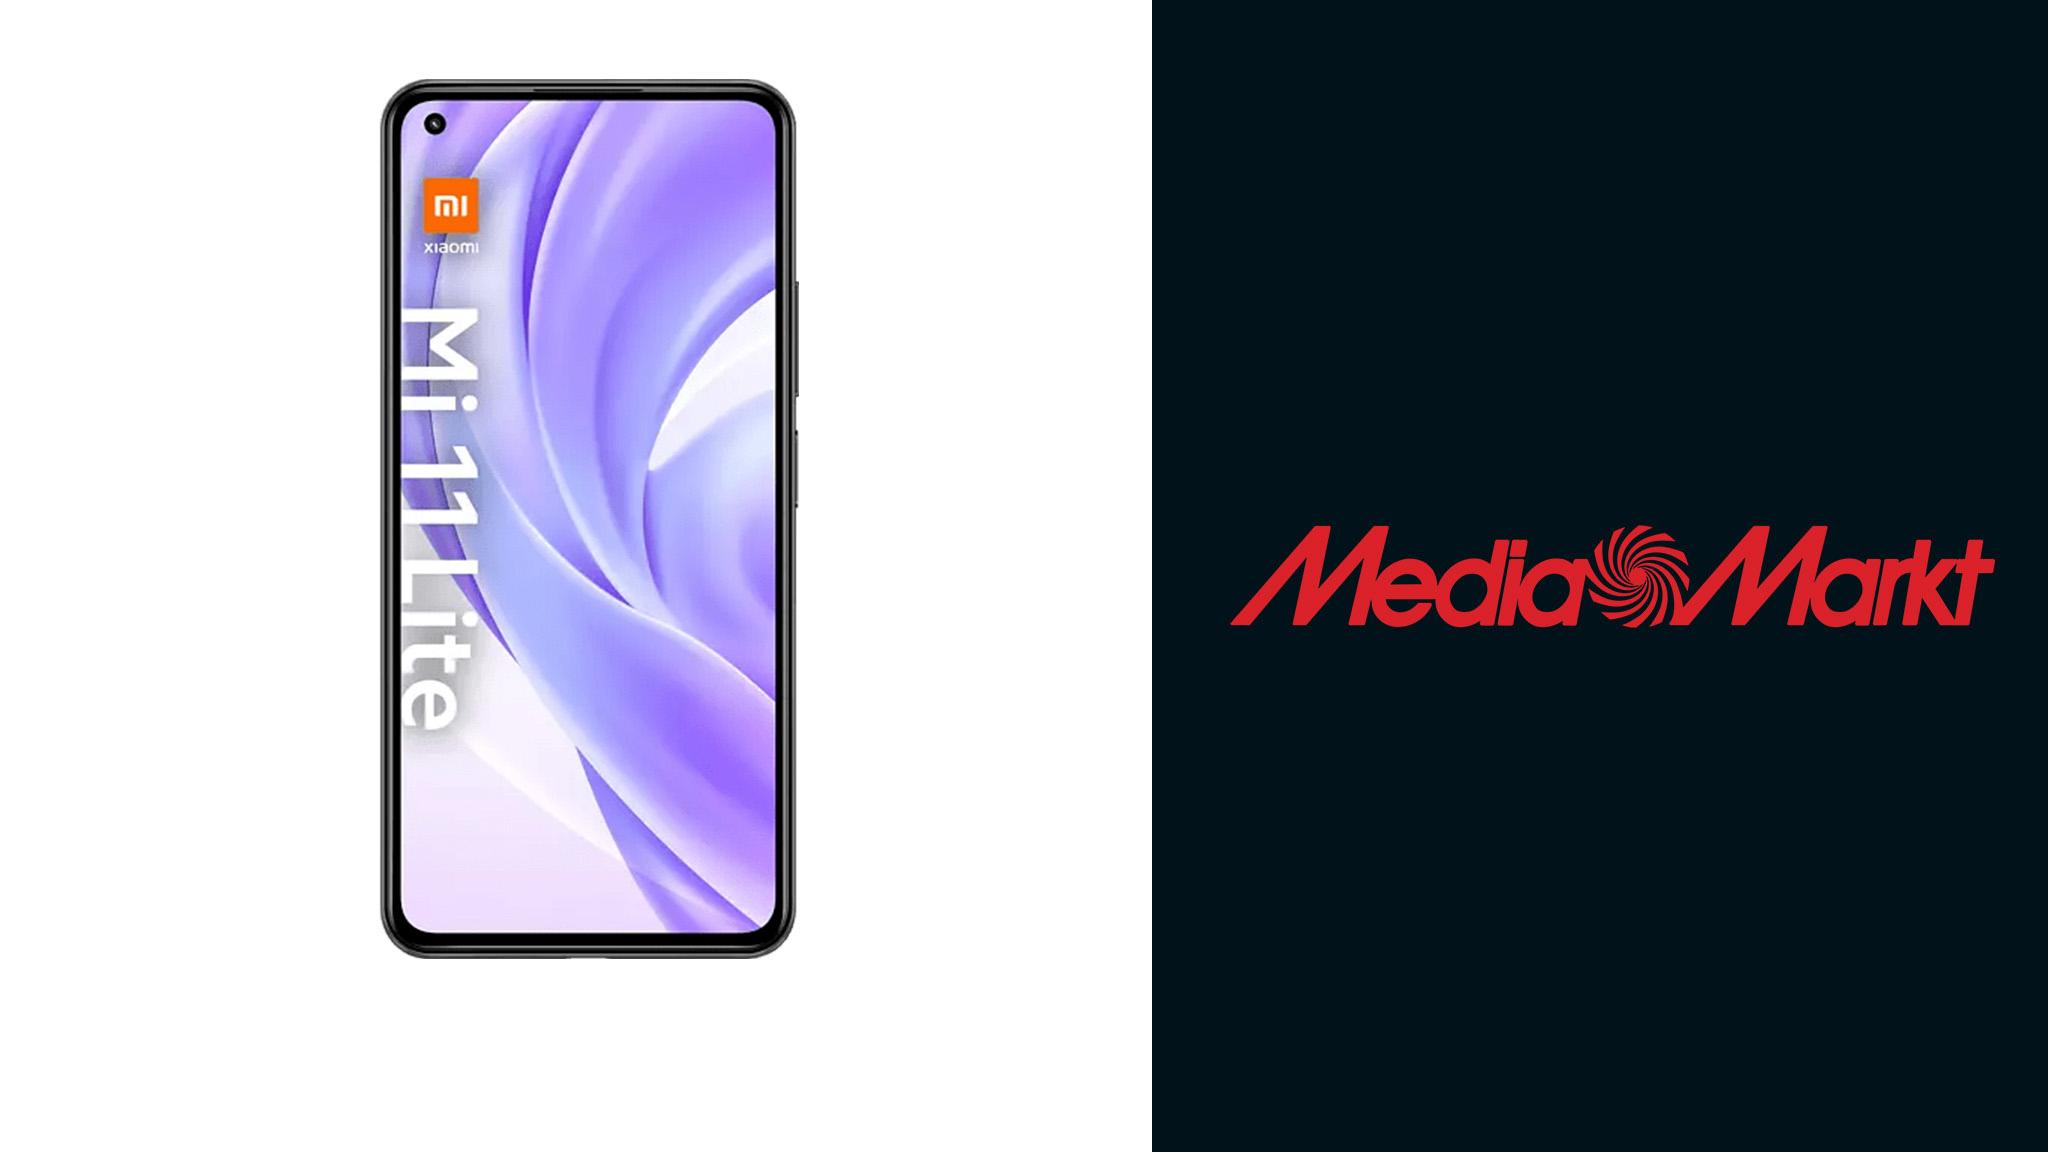 Xiaomi-Smartphone im Media-Markt-Angebot: Mi 11 Lite zum Tiefpreis